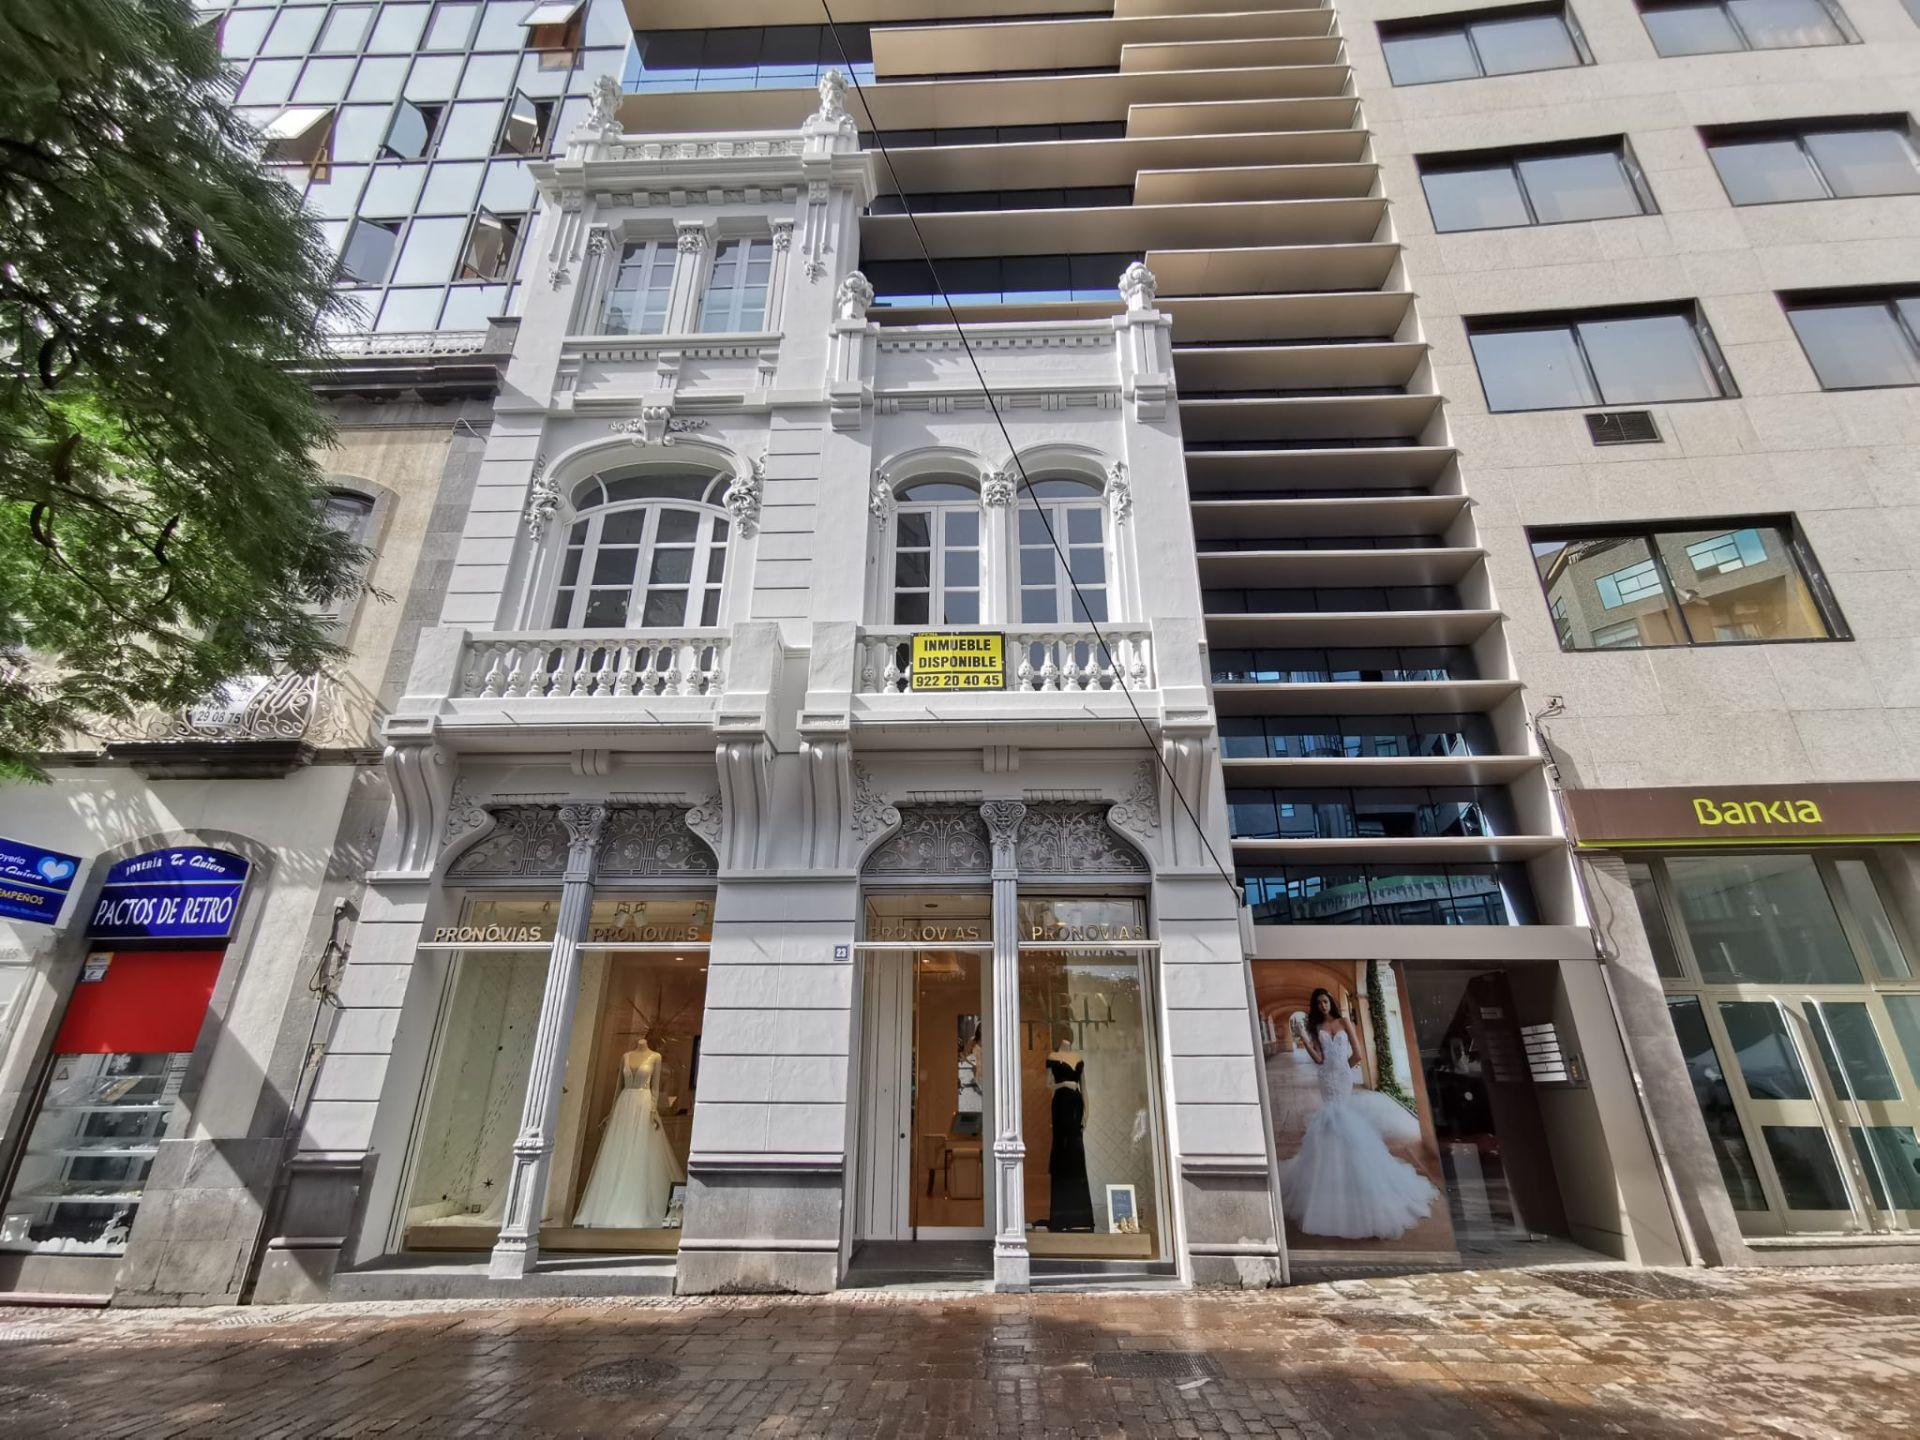 Oficina en Santa Cruz de Tenerife, alquiler